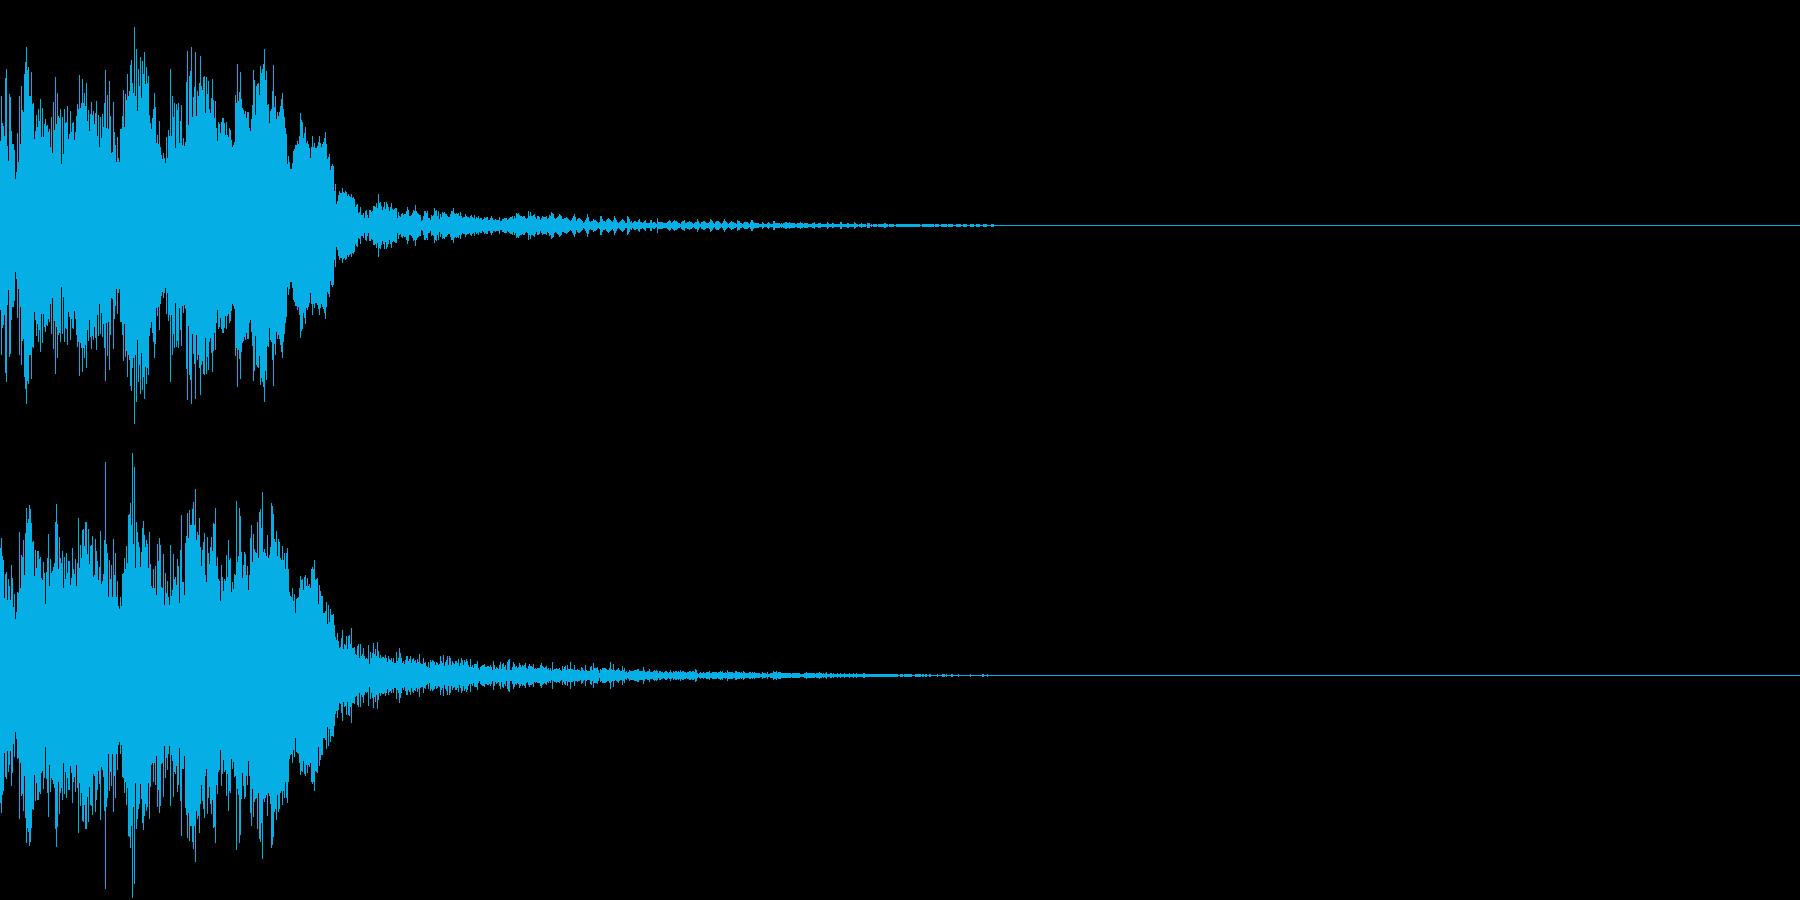 レベルアップ アイテム ゲット ヒット2の再生済みの波形